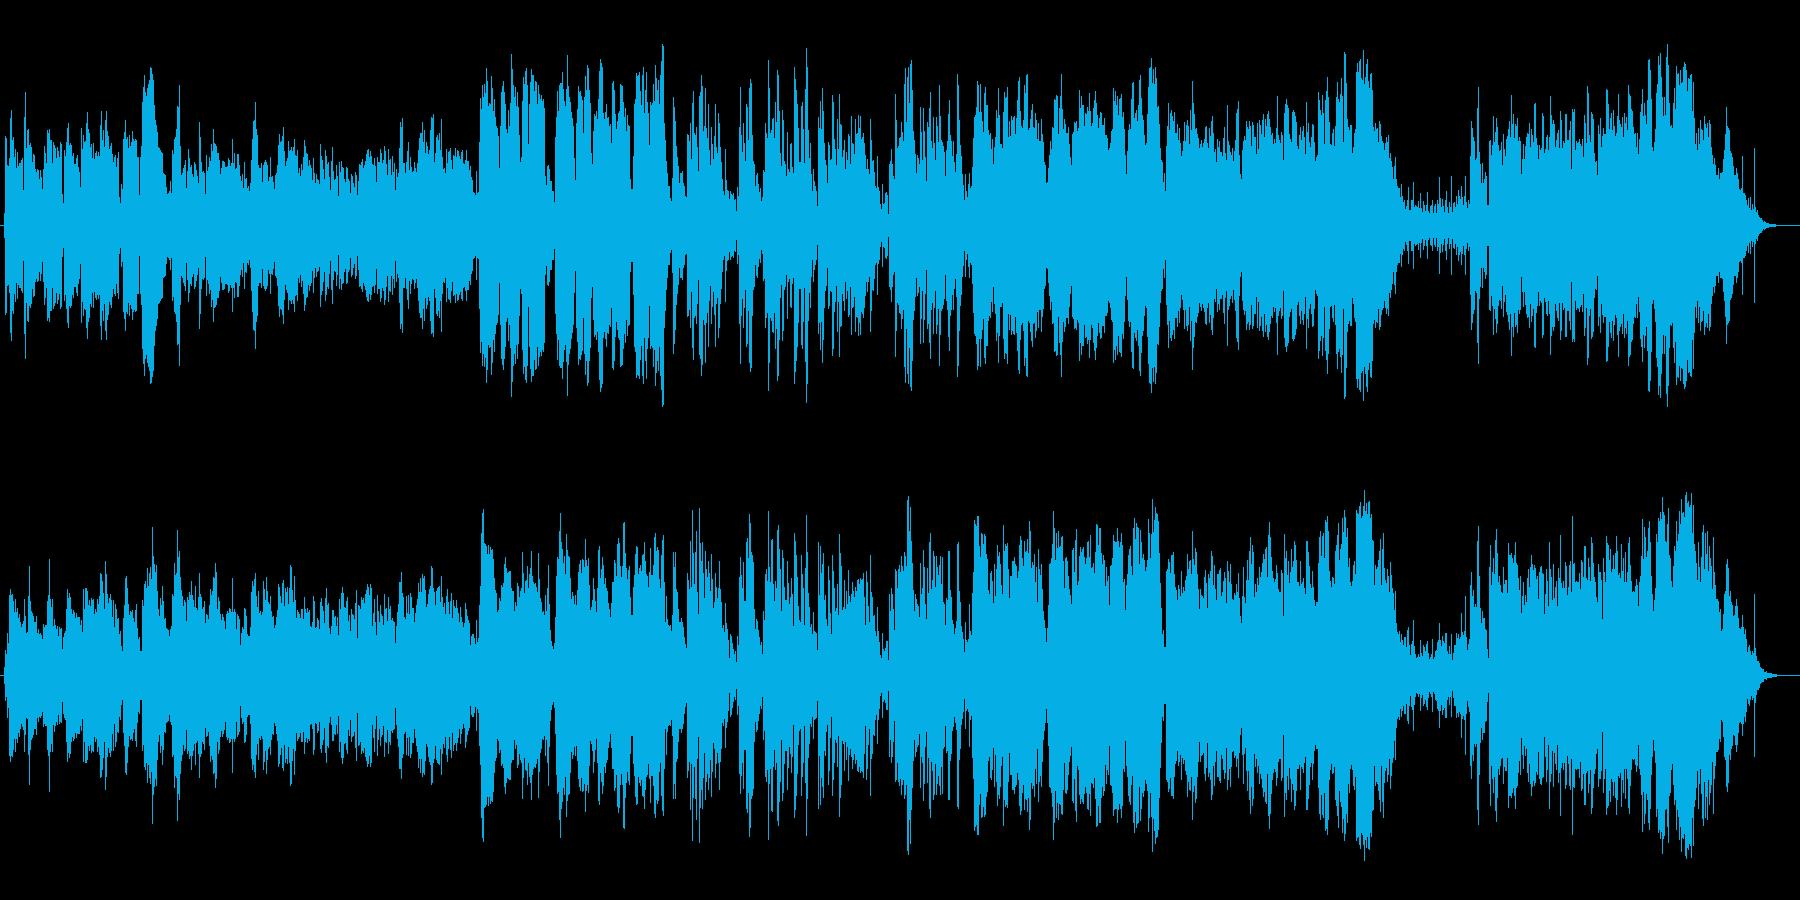 美しく爽やか弦楽器シンセピアノサウンドの再生済みの波形